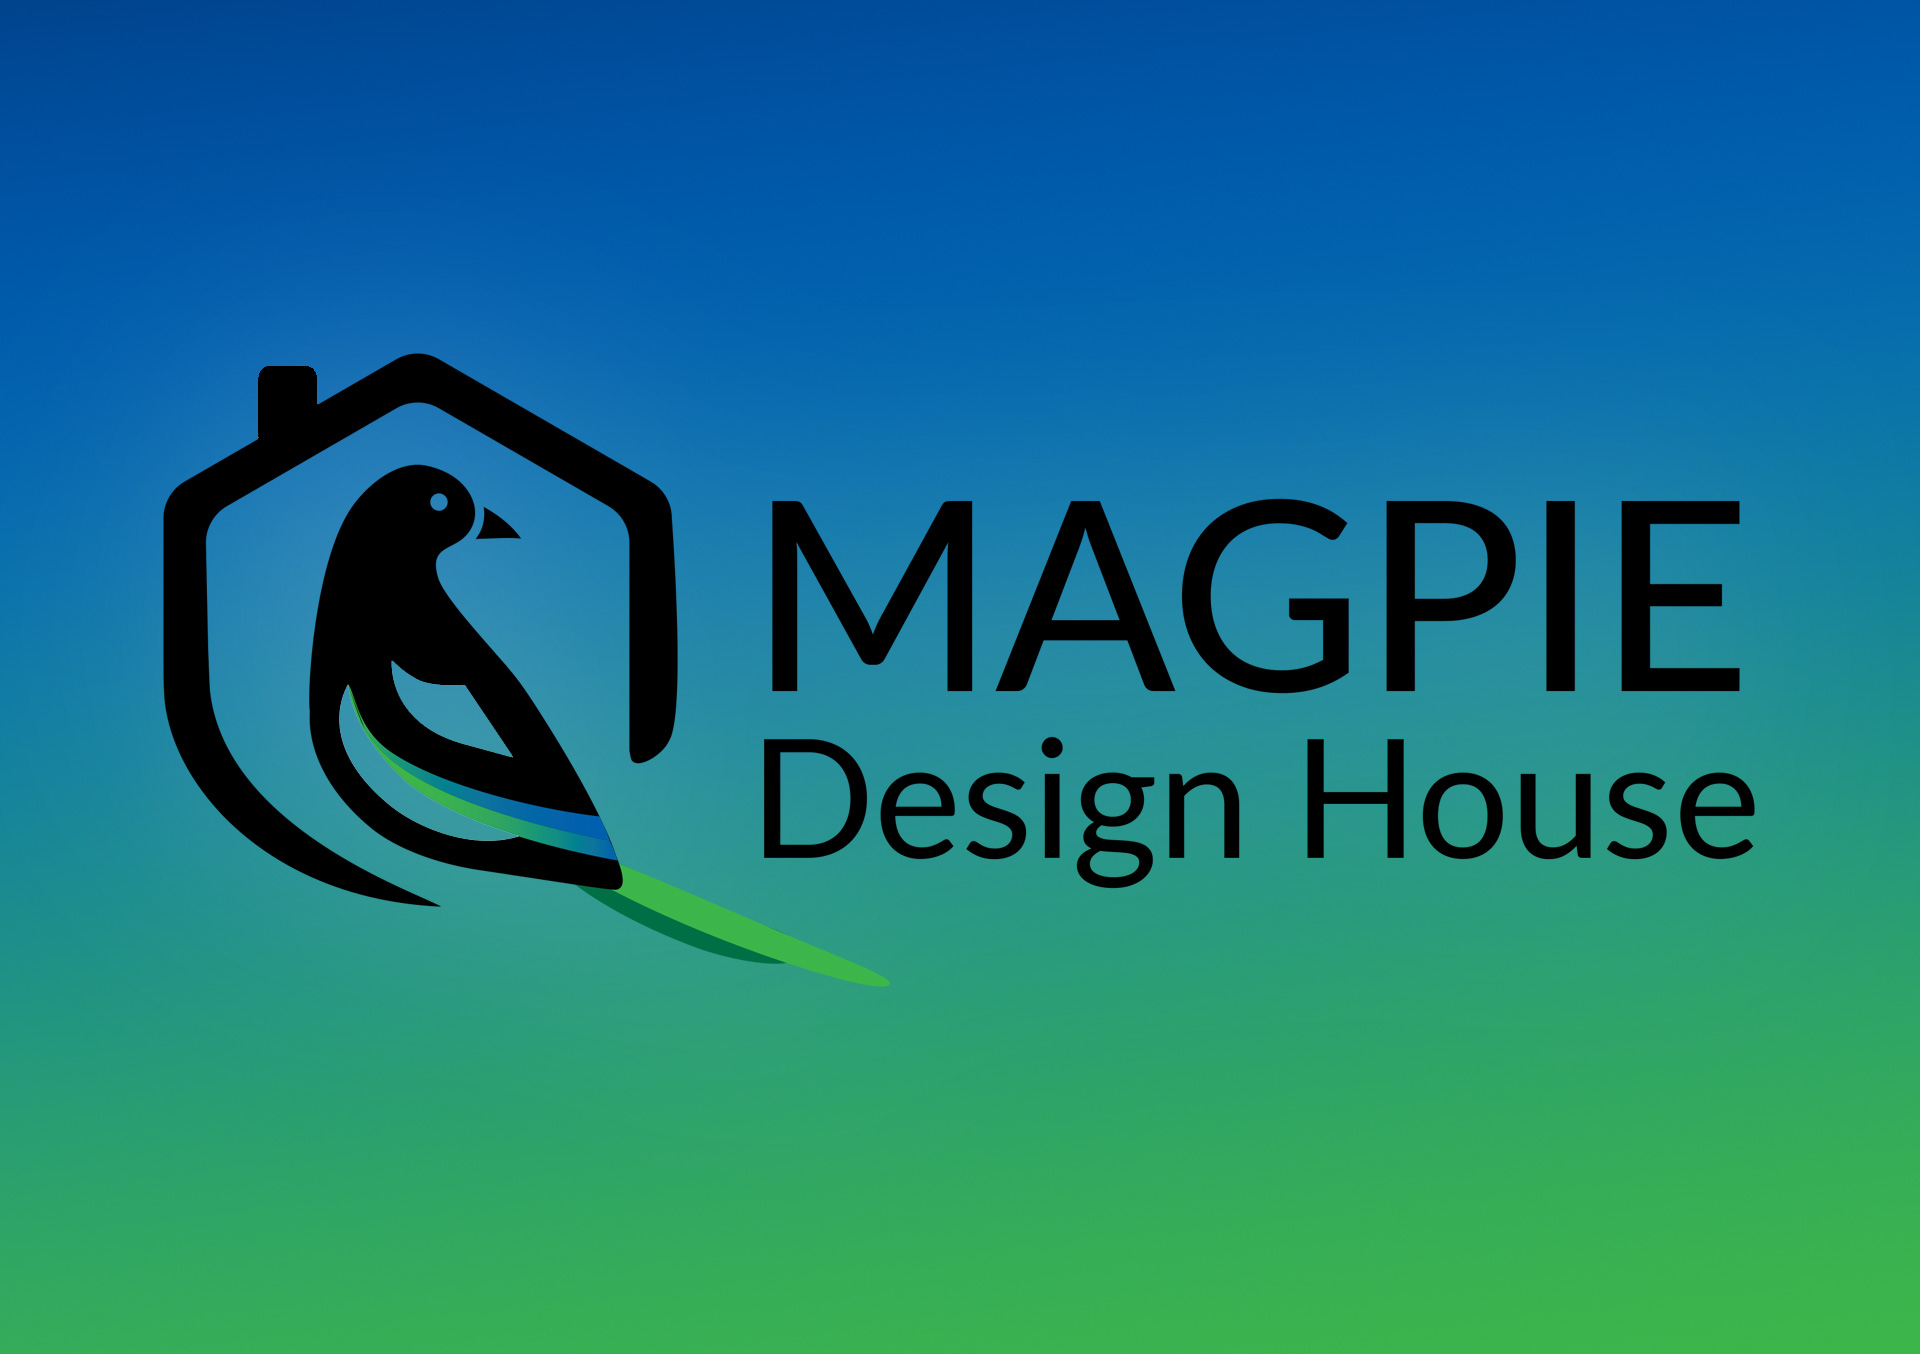 L2_Logo-Design_Magpie-Design-House